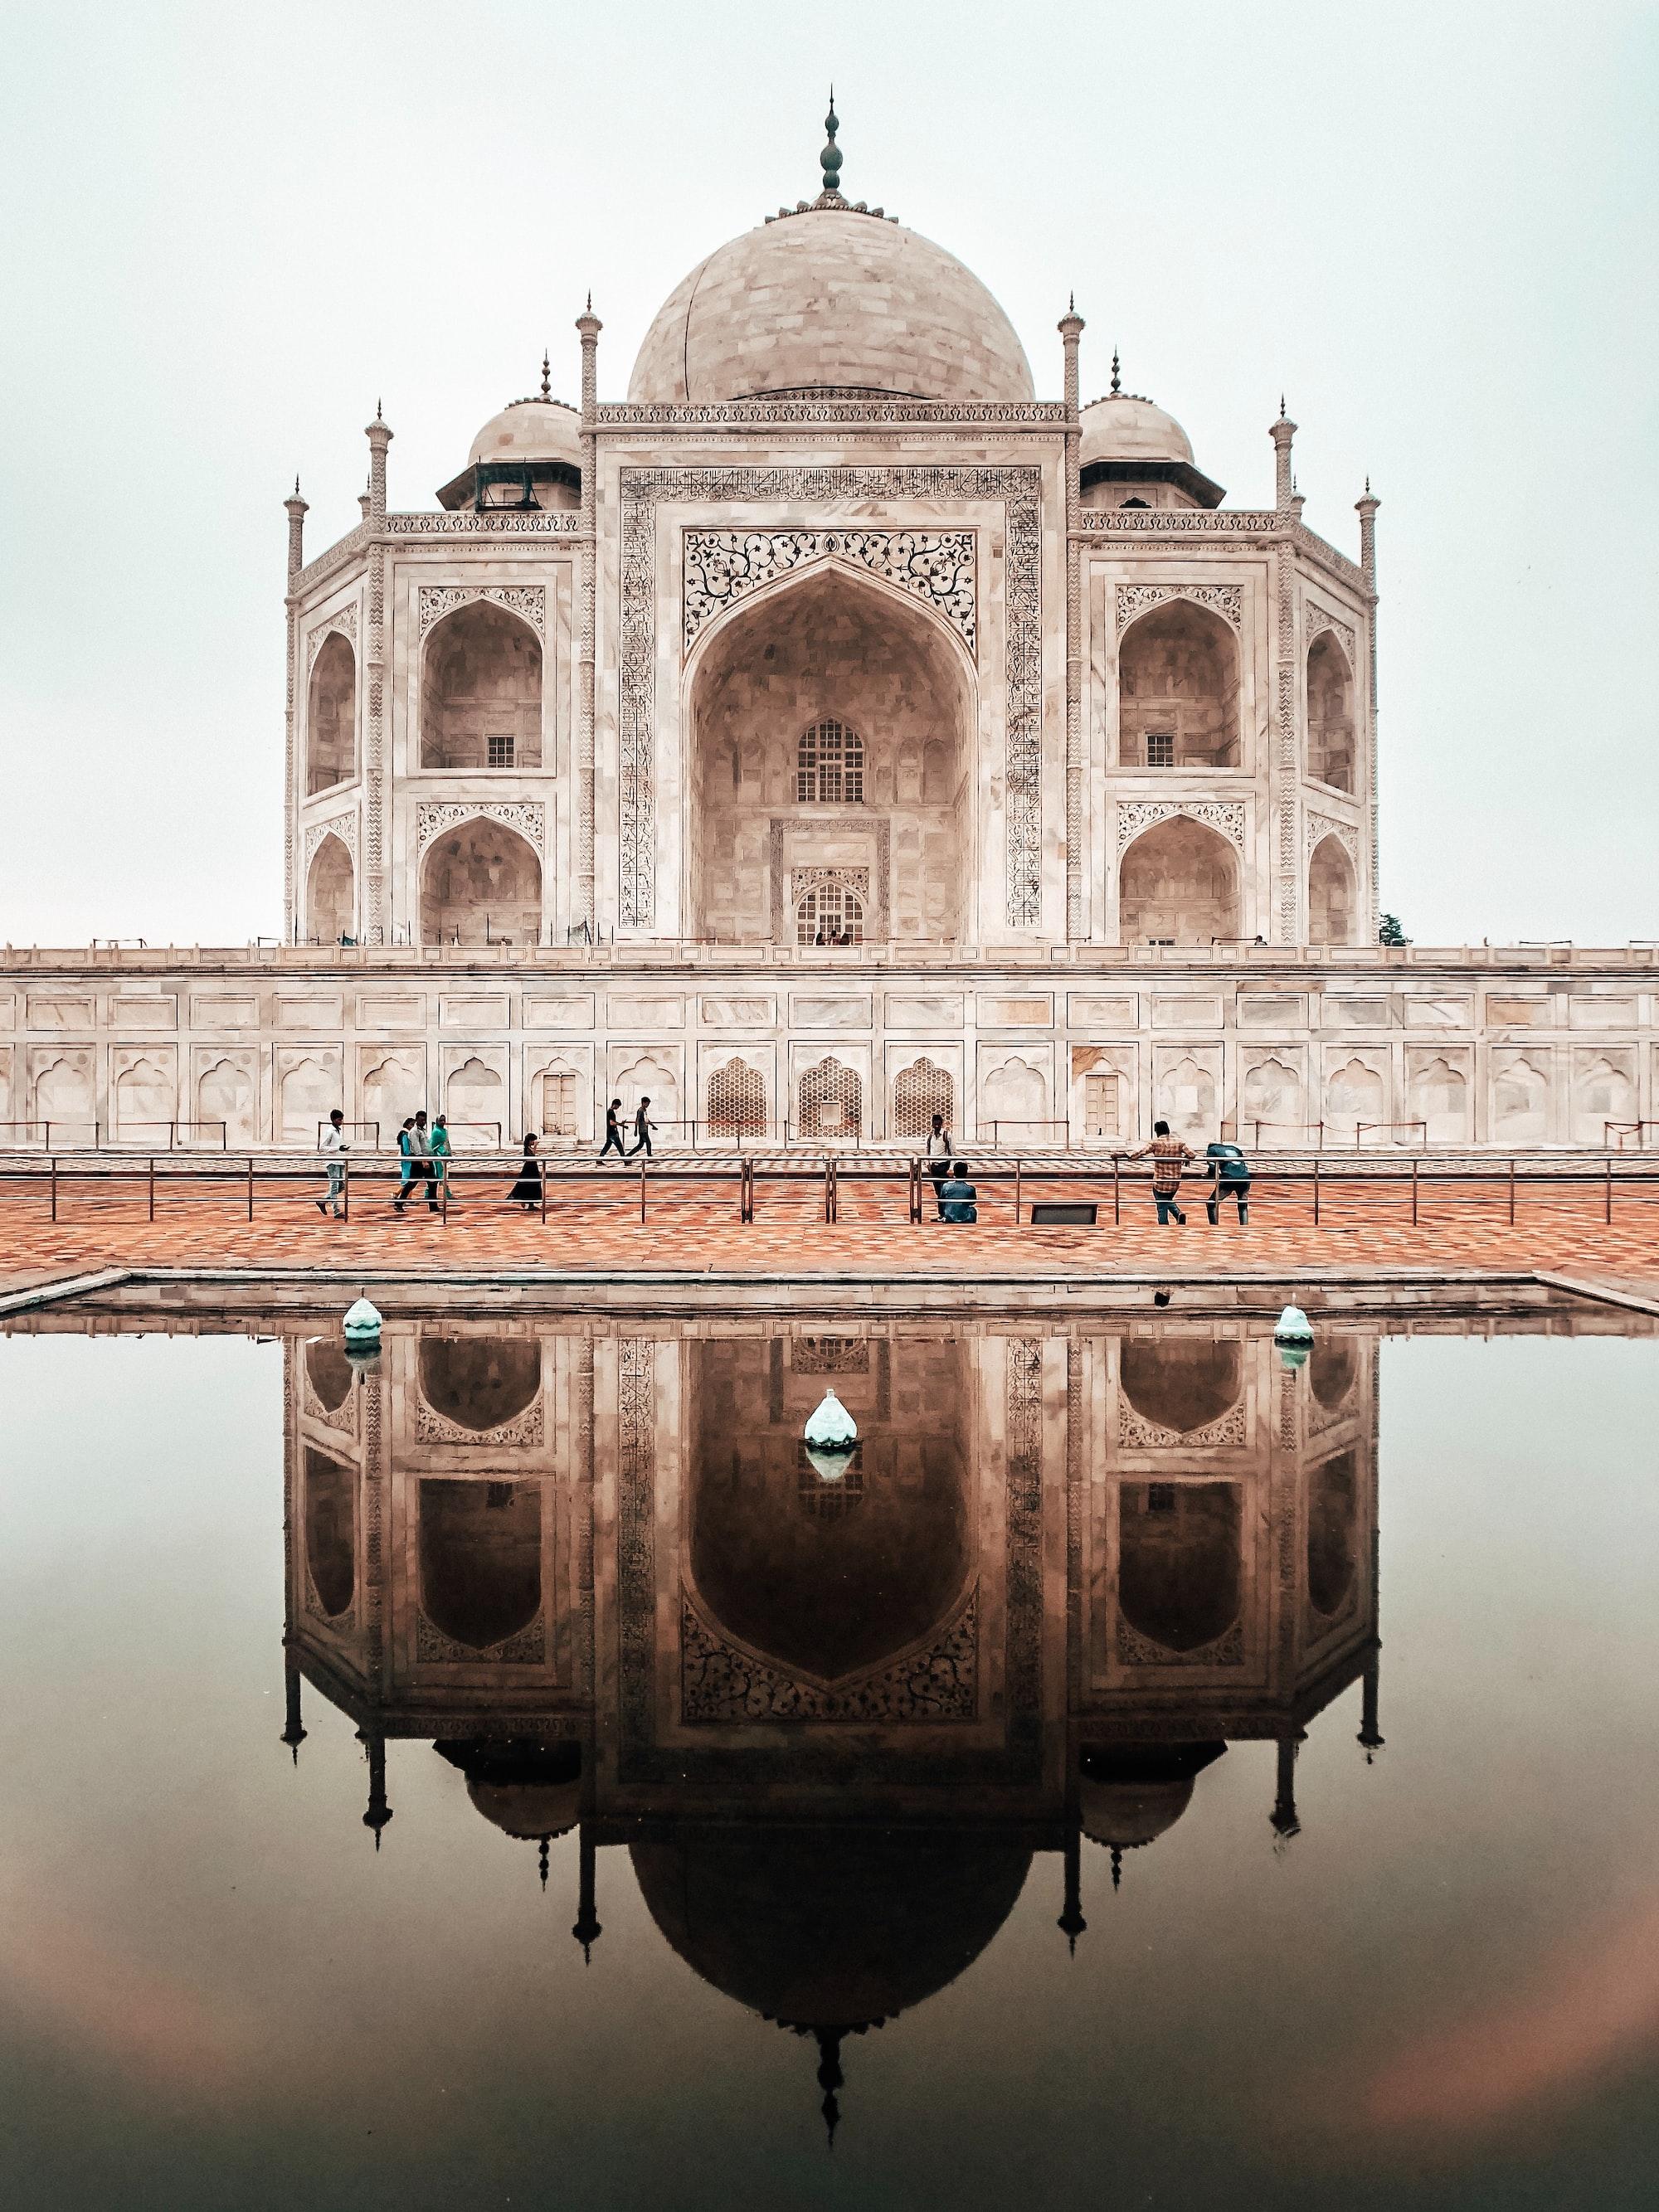 Día de la Independencia de India 2020. ¿Planeamos el viaje?